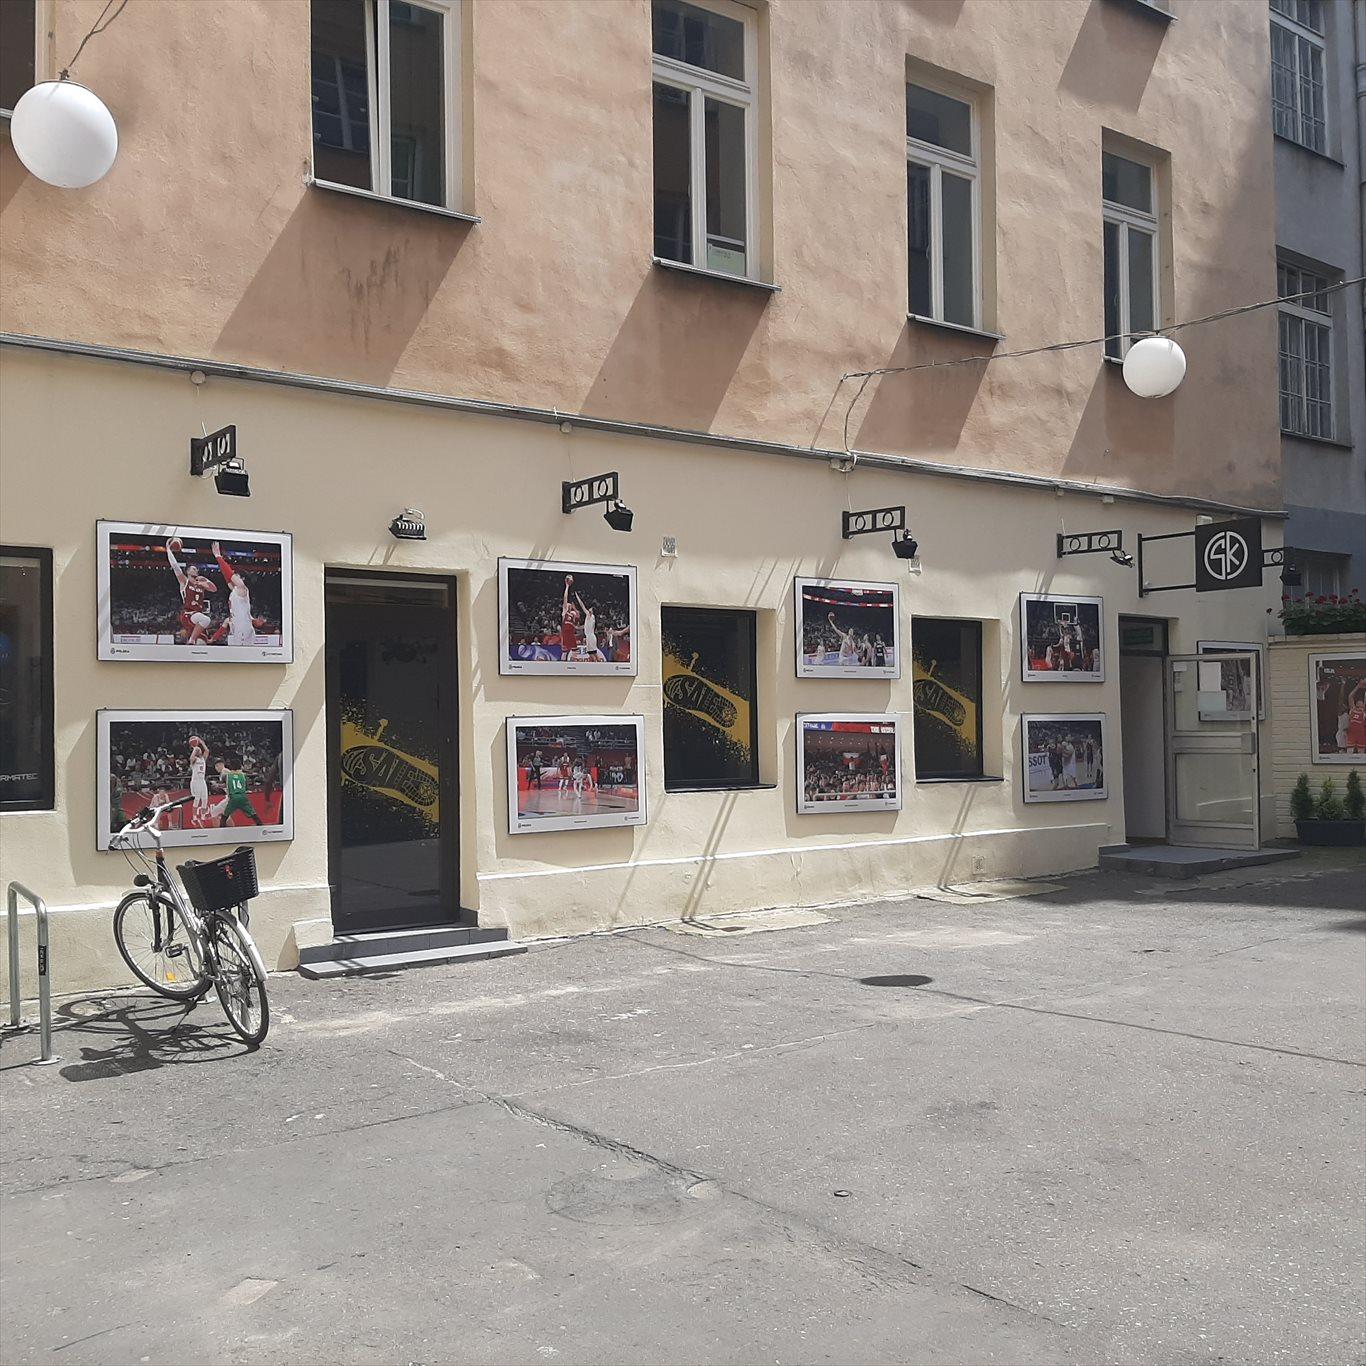 Lokal użytkowy na wynajem Warszawa, Śródmieście, Chmielna 21 21  63m2 Foto 2